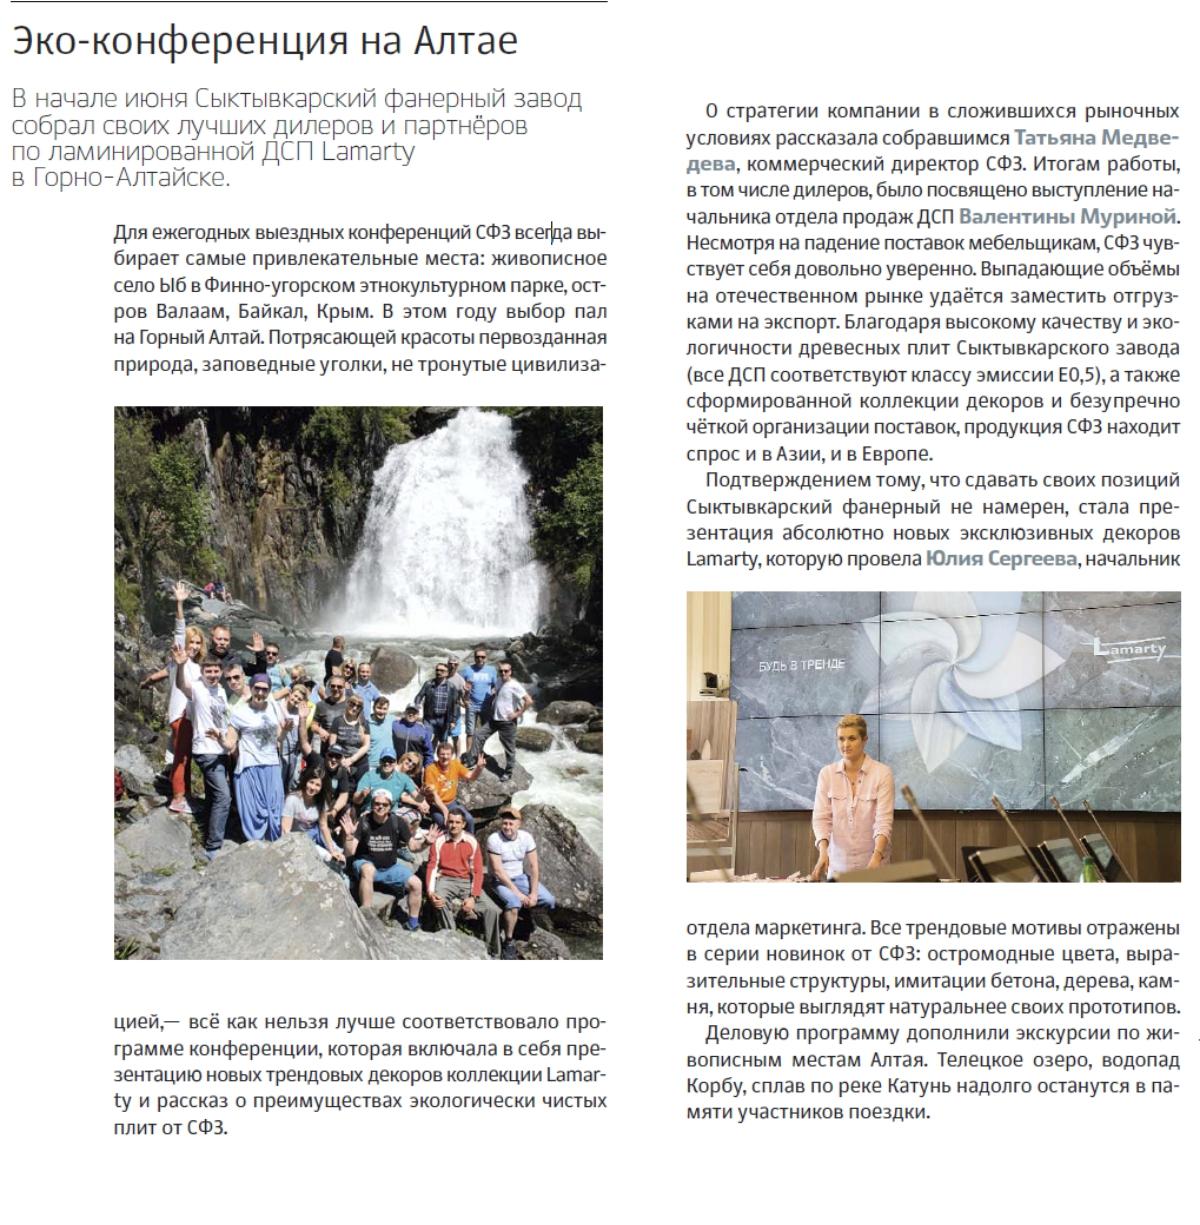 Эко-конференция на Алтае - В начале июня Сыктывкарский фанерный завод собрал своих лучших дилеров и партнёров по ламинированной ДСП Lamarty в Горно-Алтайске